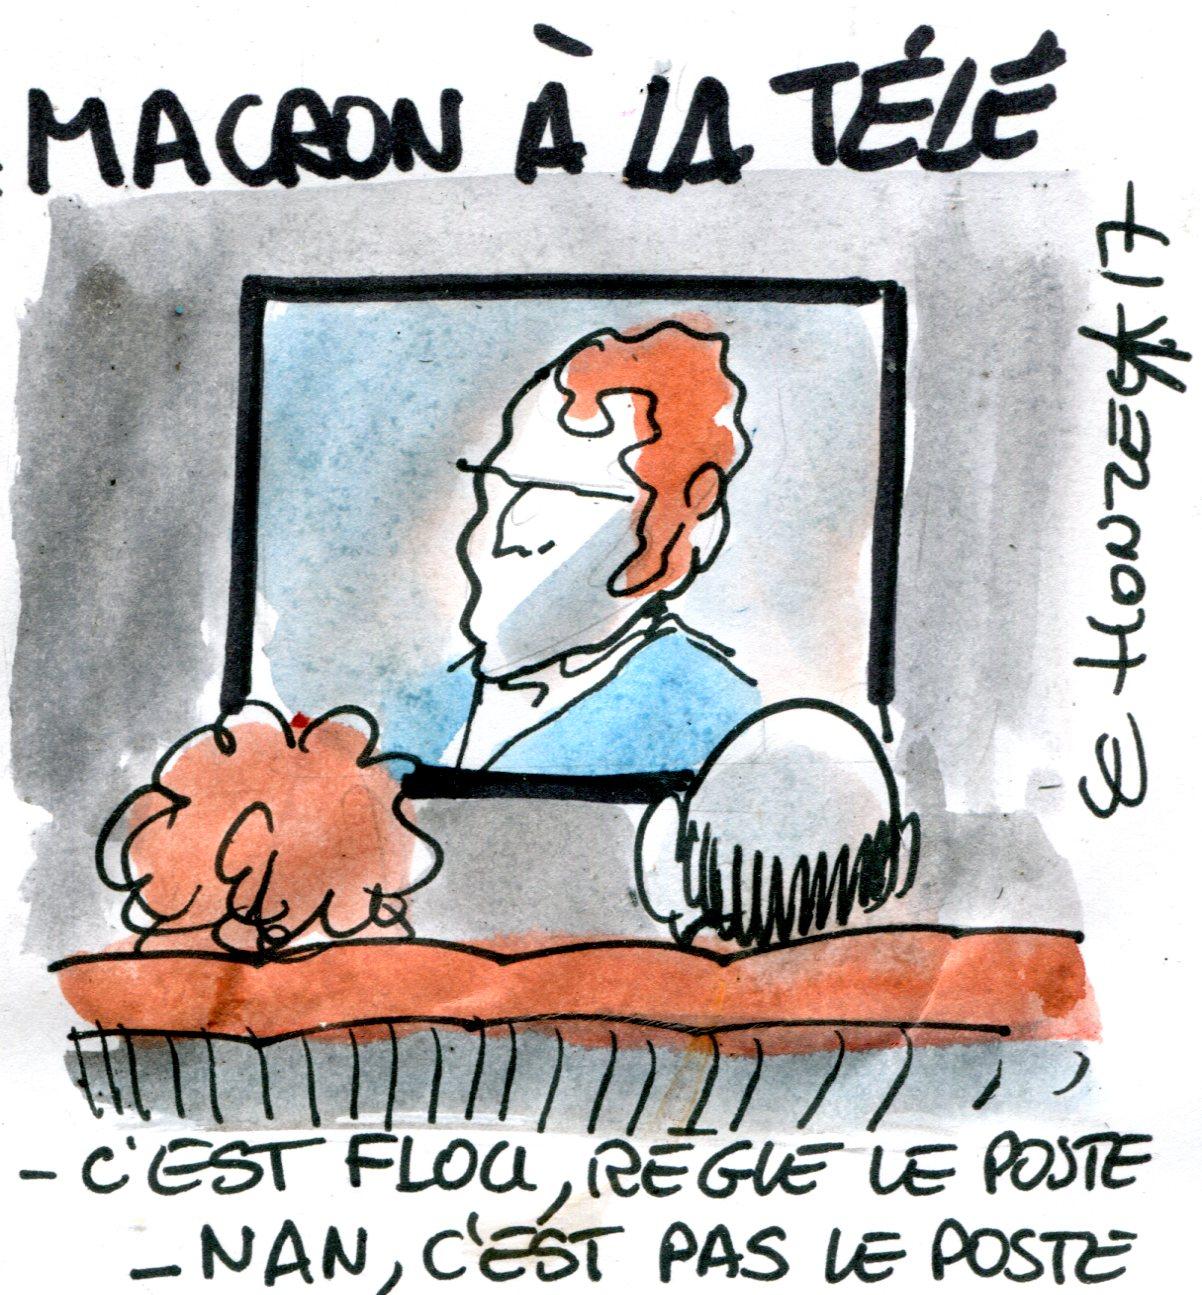 Emmanuel Macron cultive le flou (Crédits : René Le Honzec/Contrepoints.org, CC-BY 2.0)